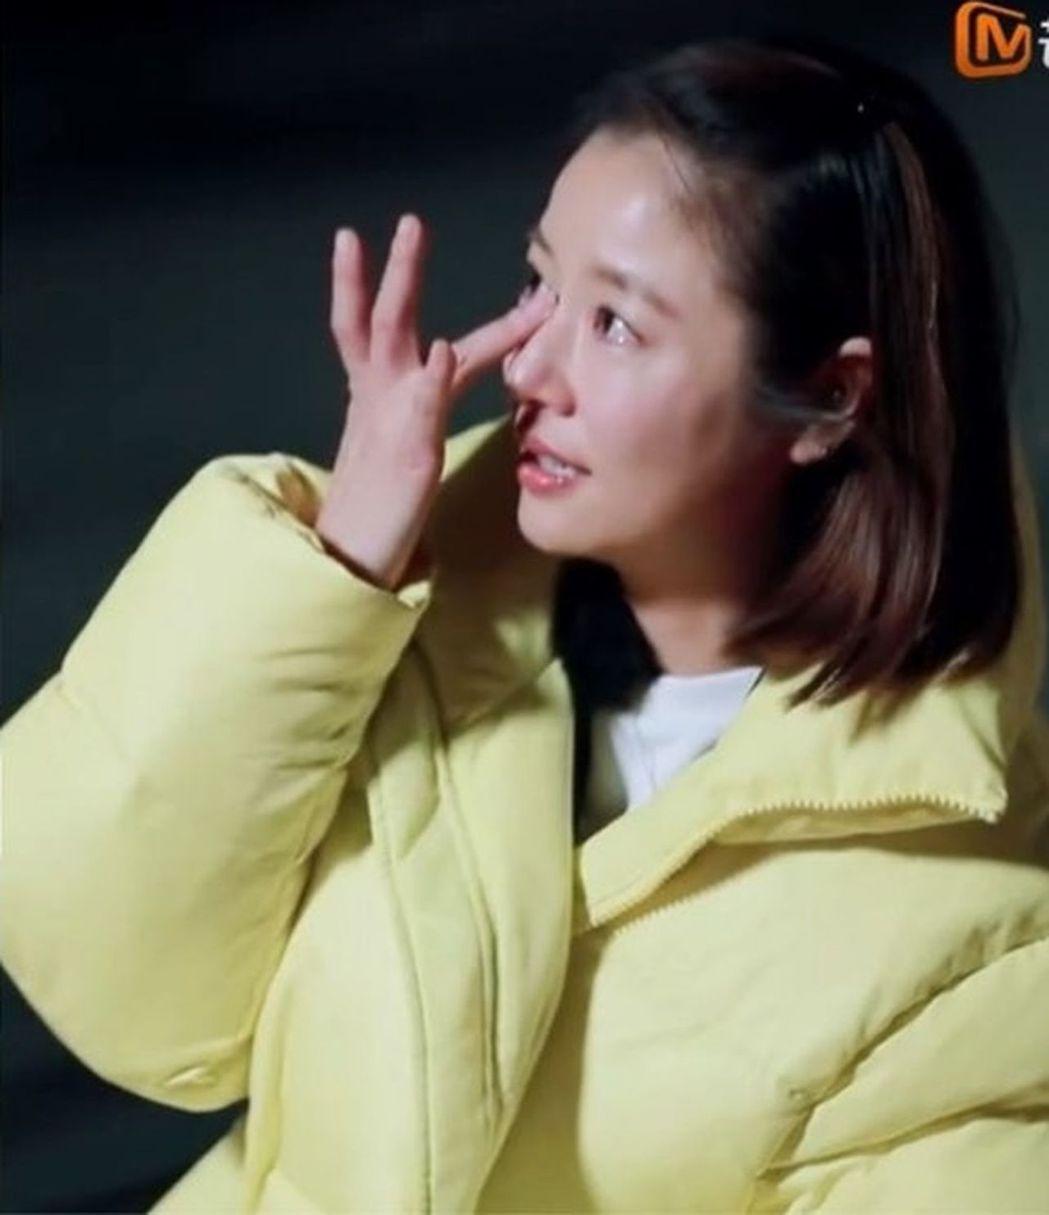 林心如參加《親愛的客棧》,接受訪談時一度情緒激動落淚。圖/截自影片